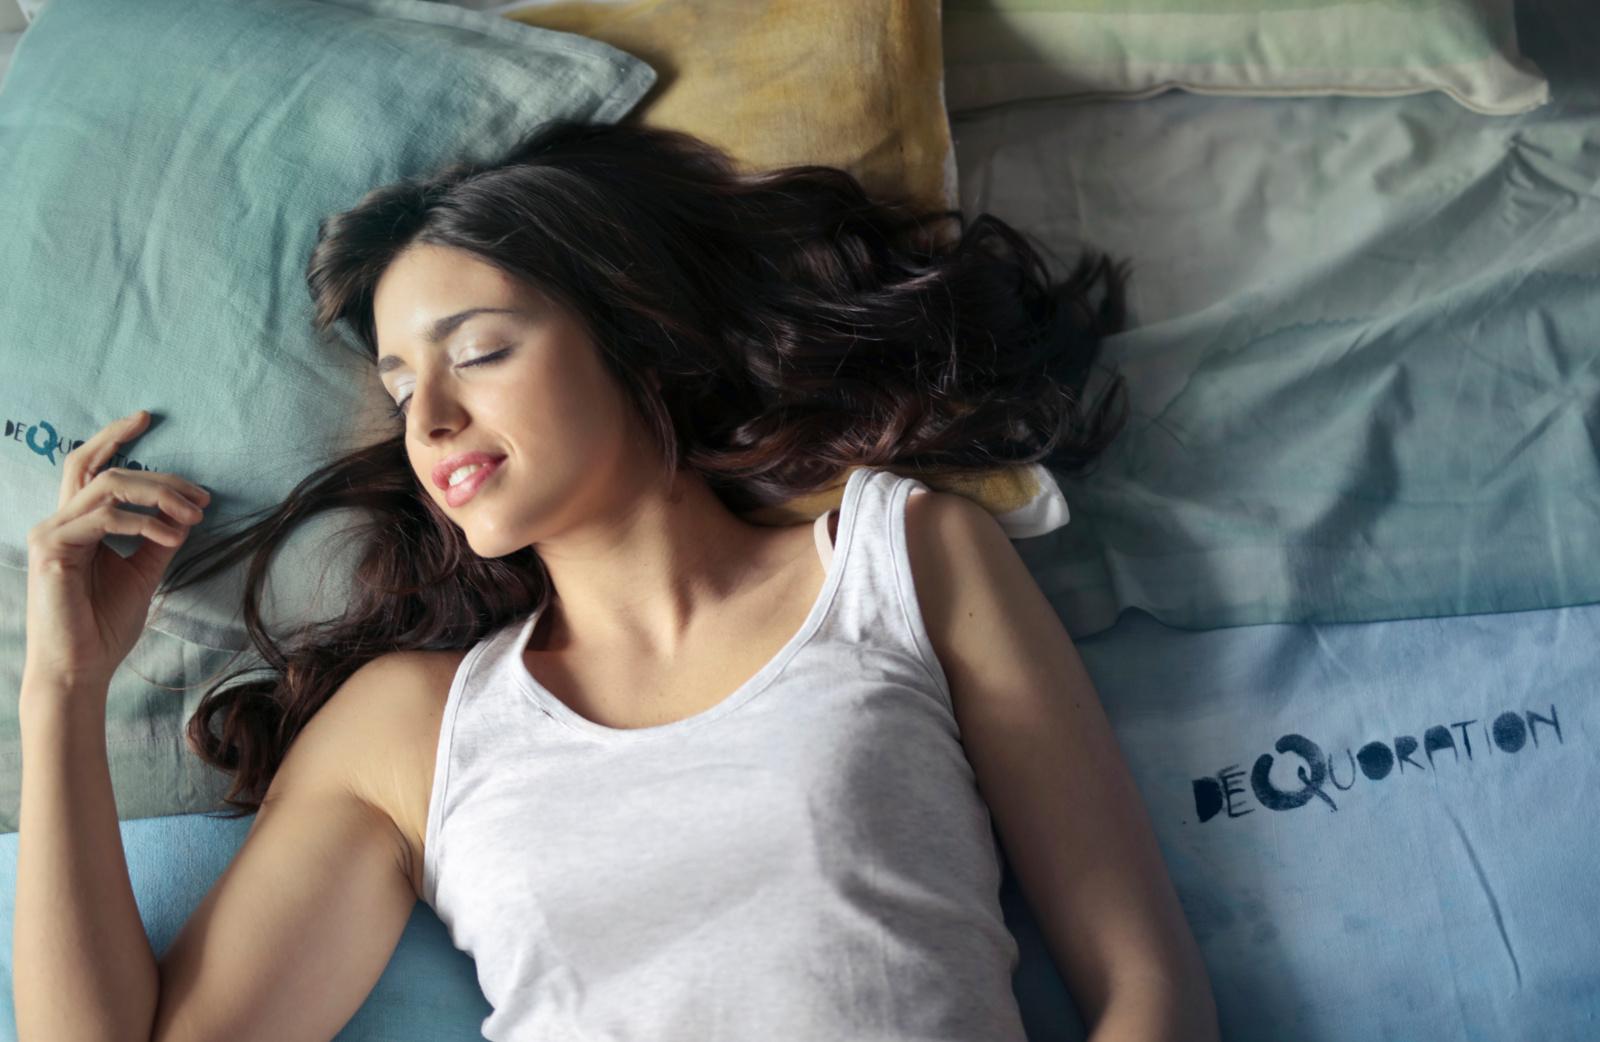 Erotiniai sapnai: ką tuo jūsų pasąmonė nori pasakyti?